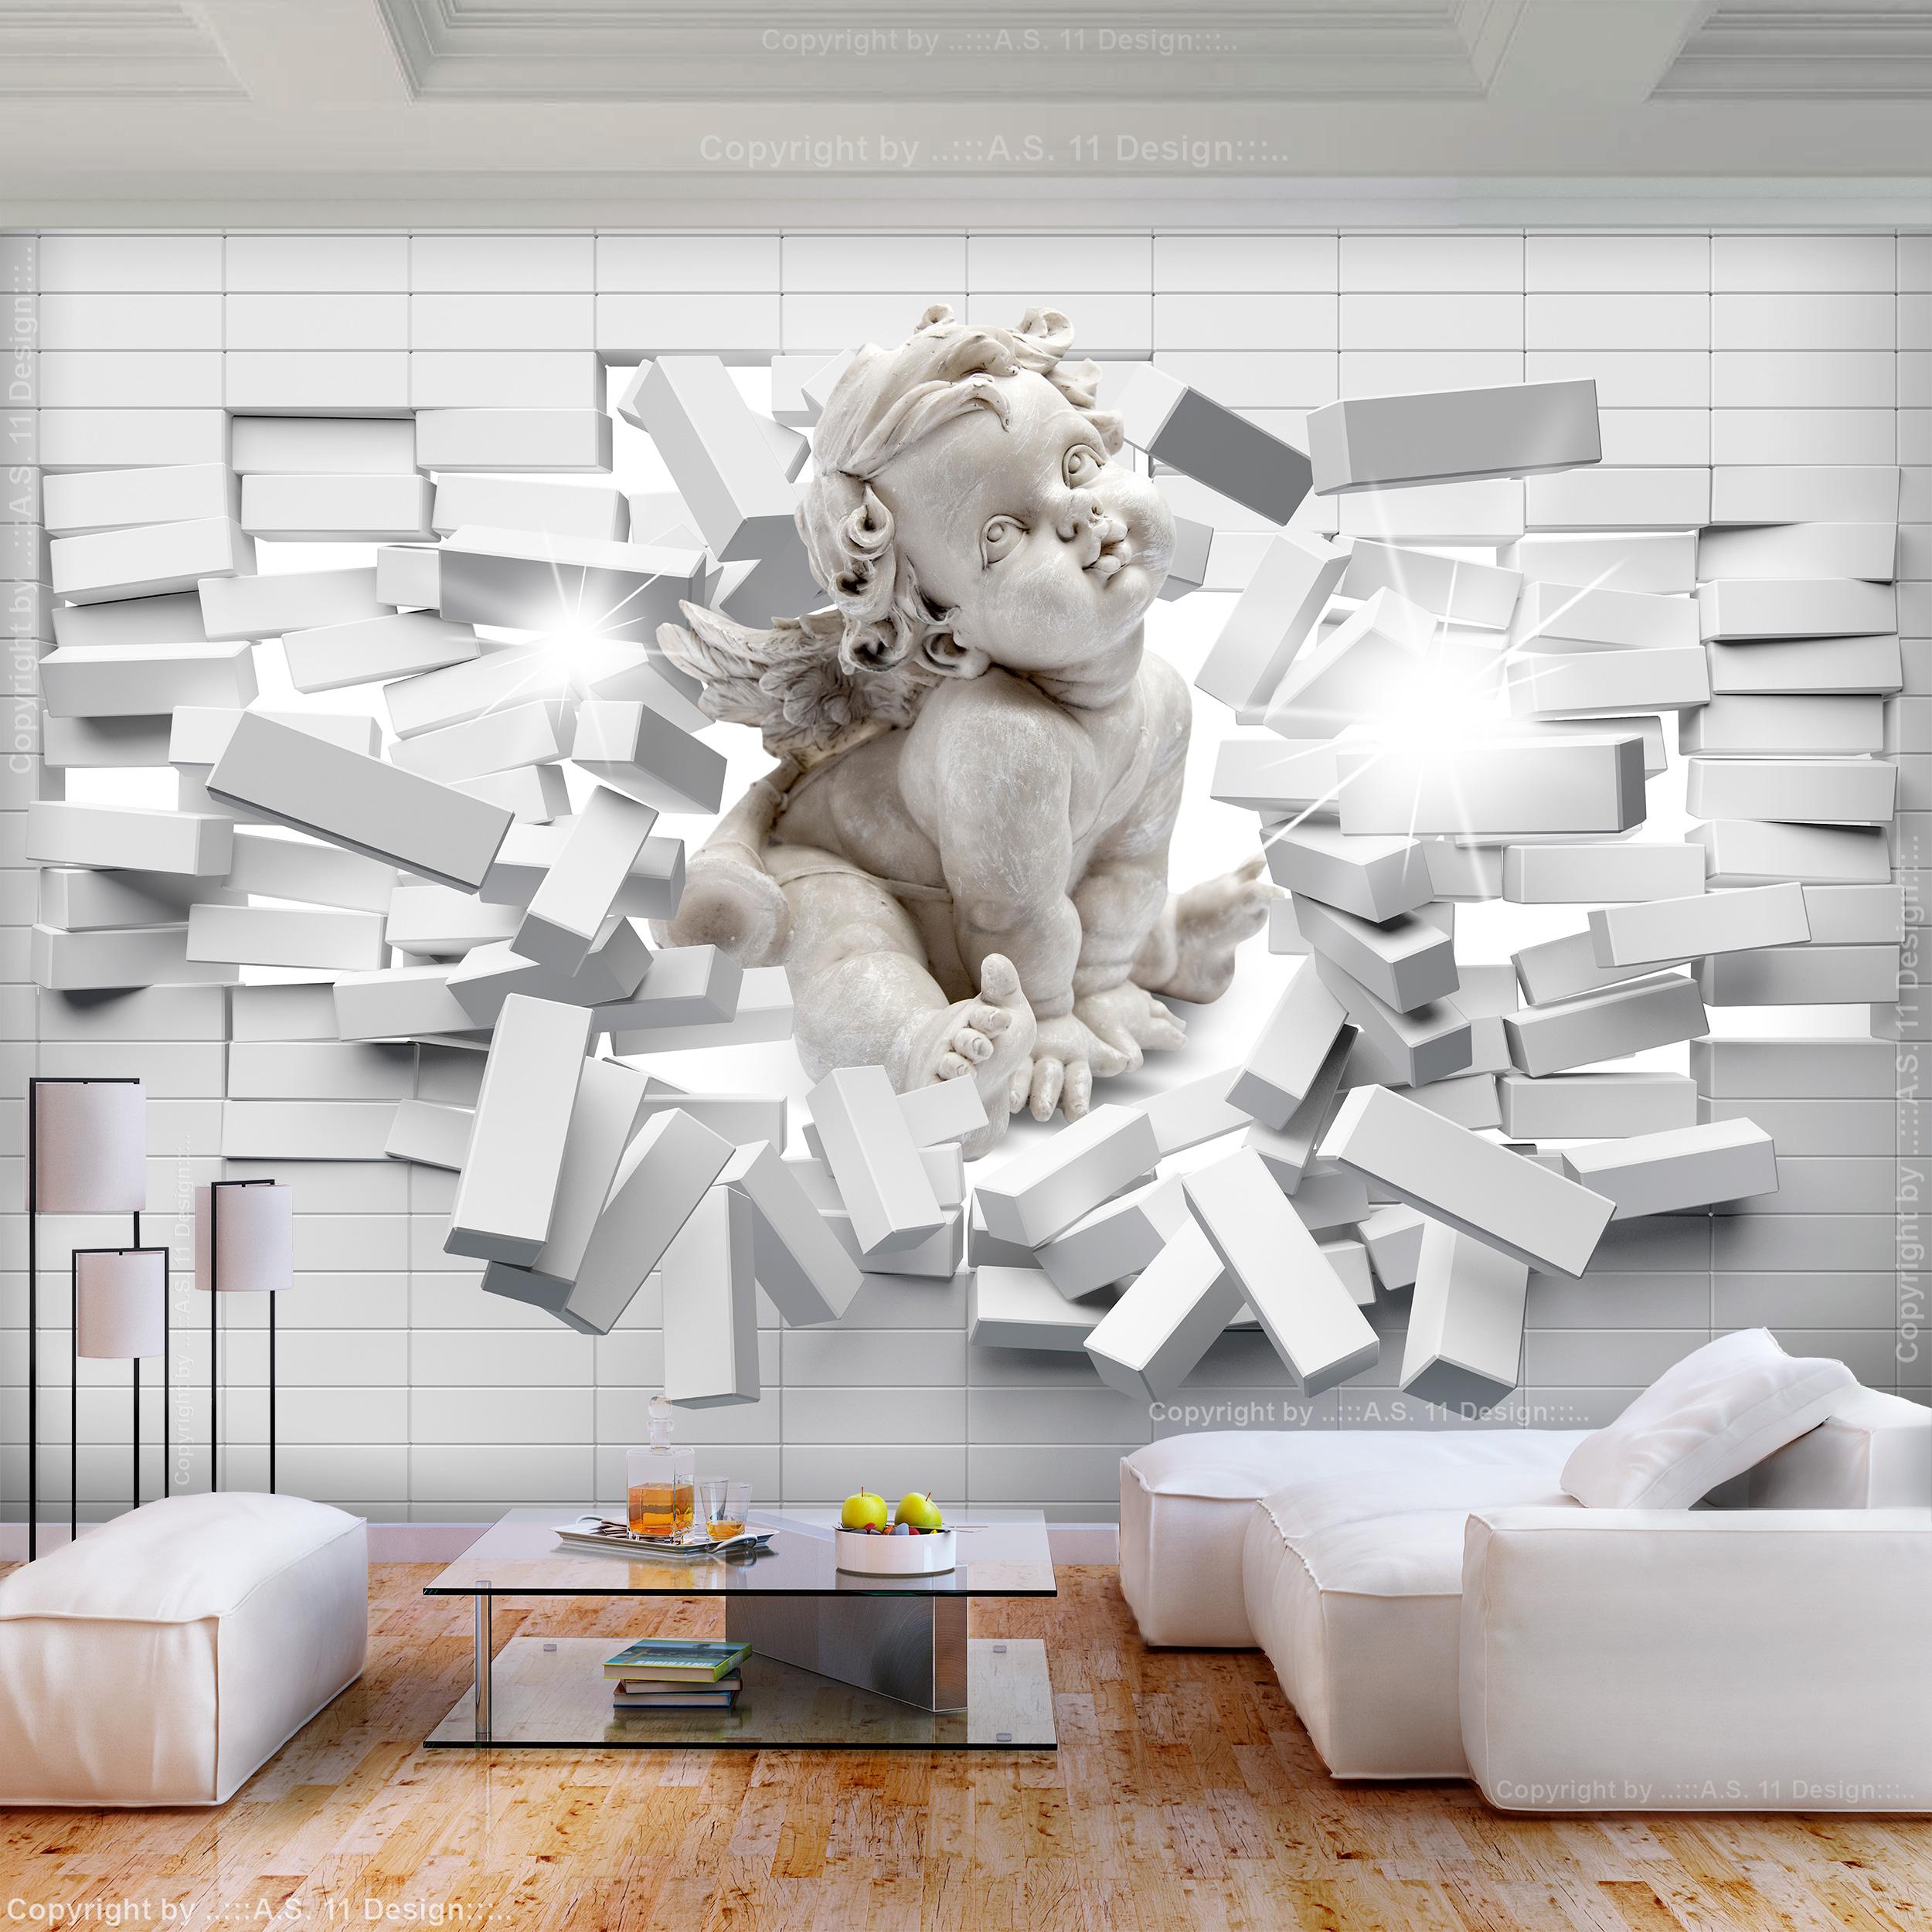 Vlies fototapete steinwand grau steine engel 3d tapete wandbilder xxl wohnzimmer ebay - 3d wandbilder wohnzimmer ...